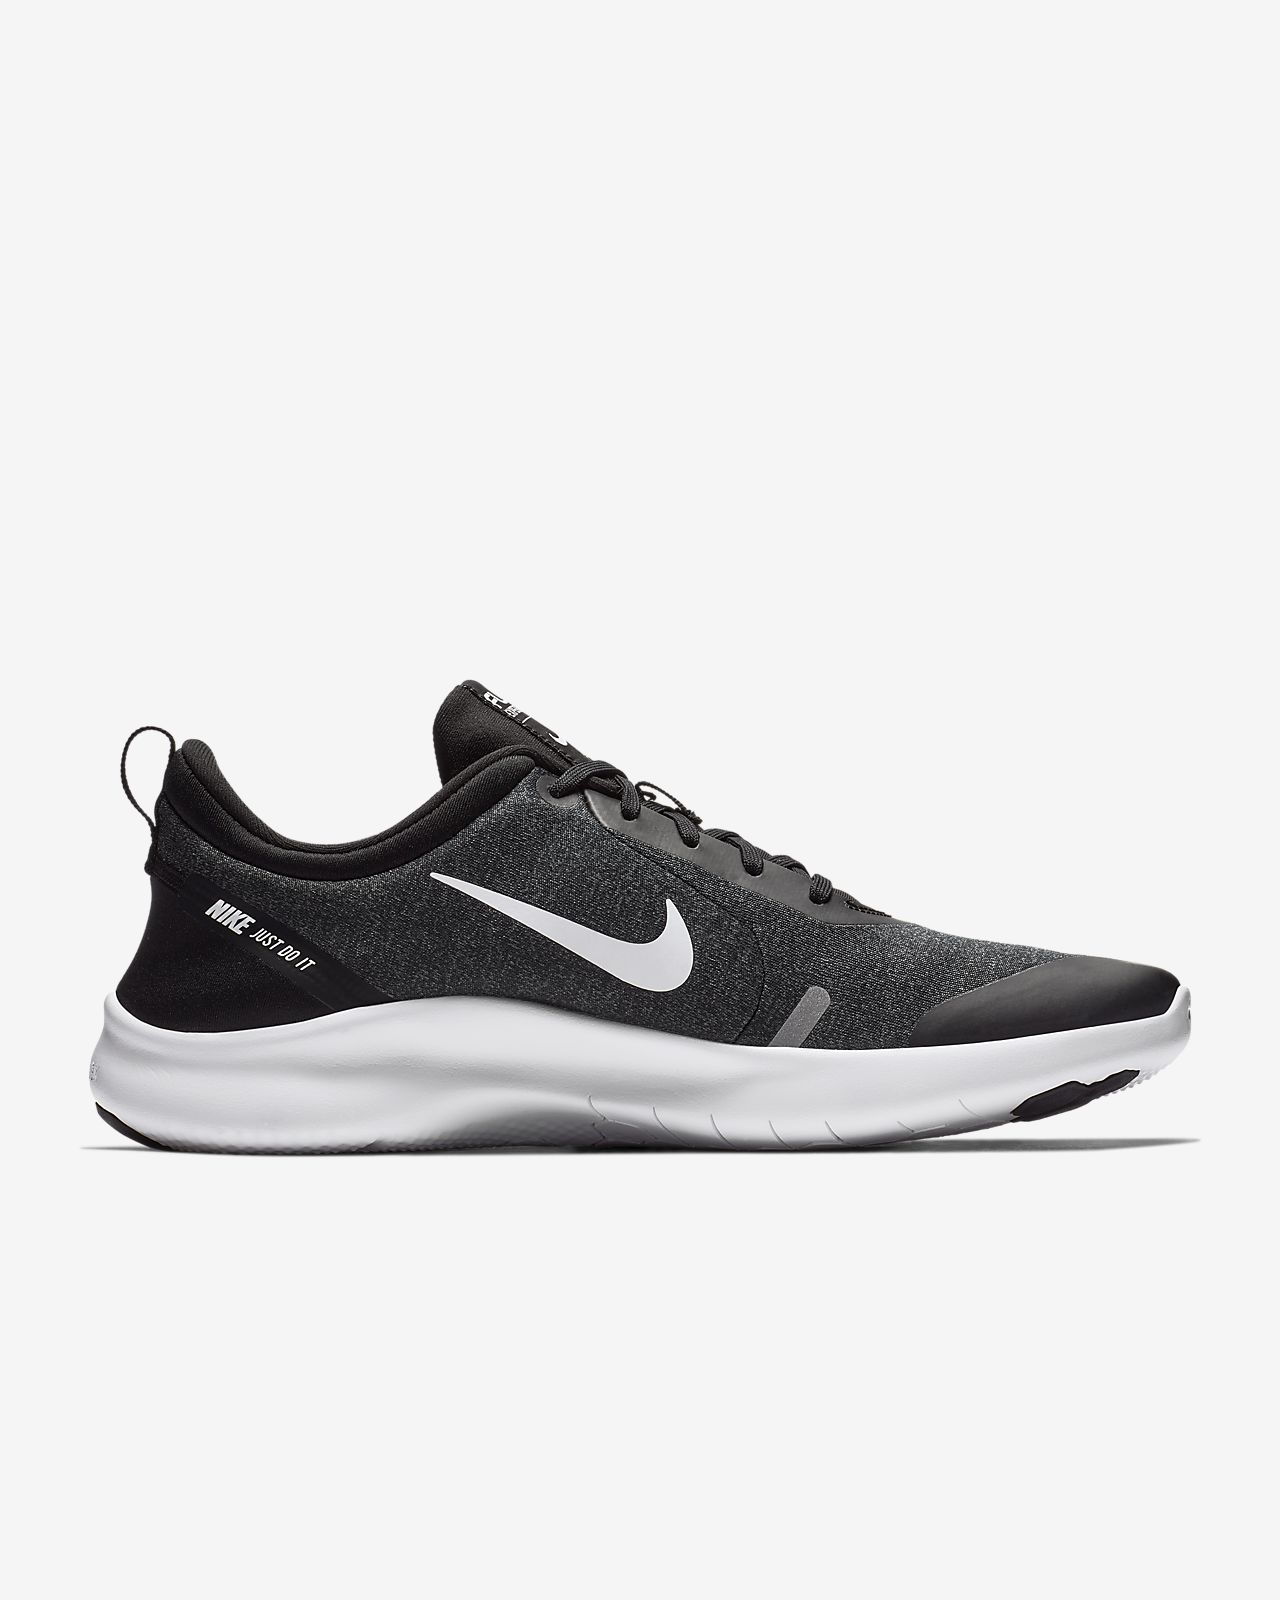 Calzat Scarpe Running Uomo Nike Herren Laufschuh Flex Run